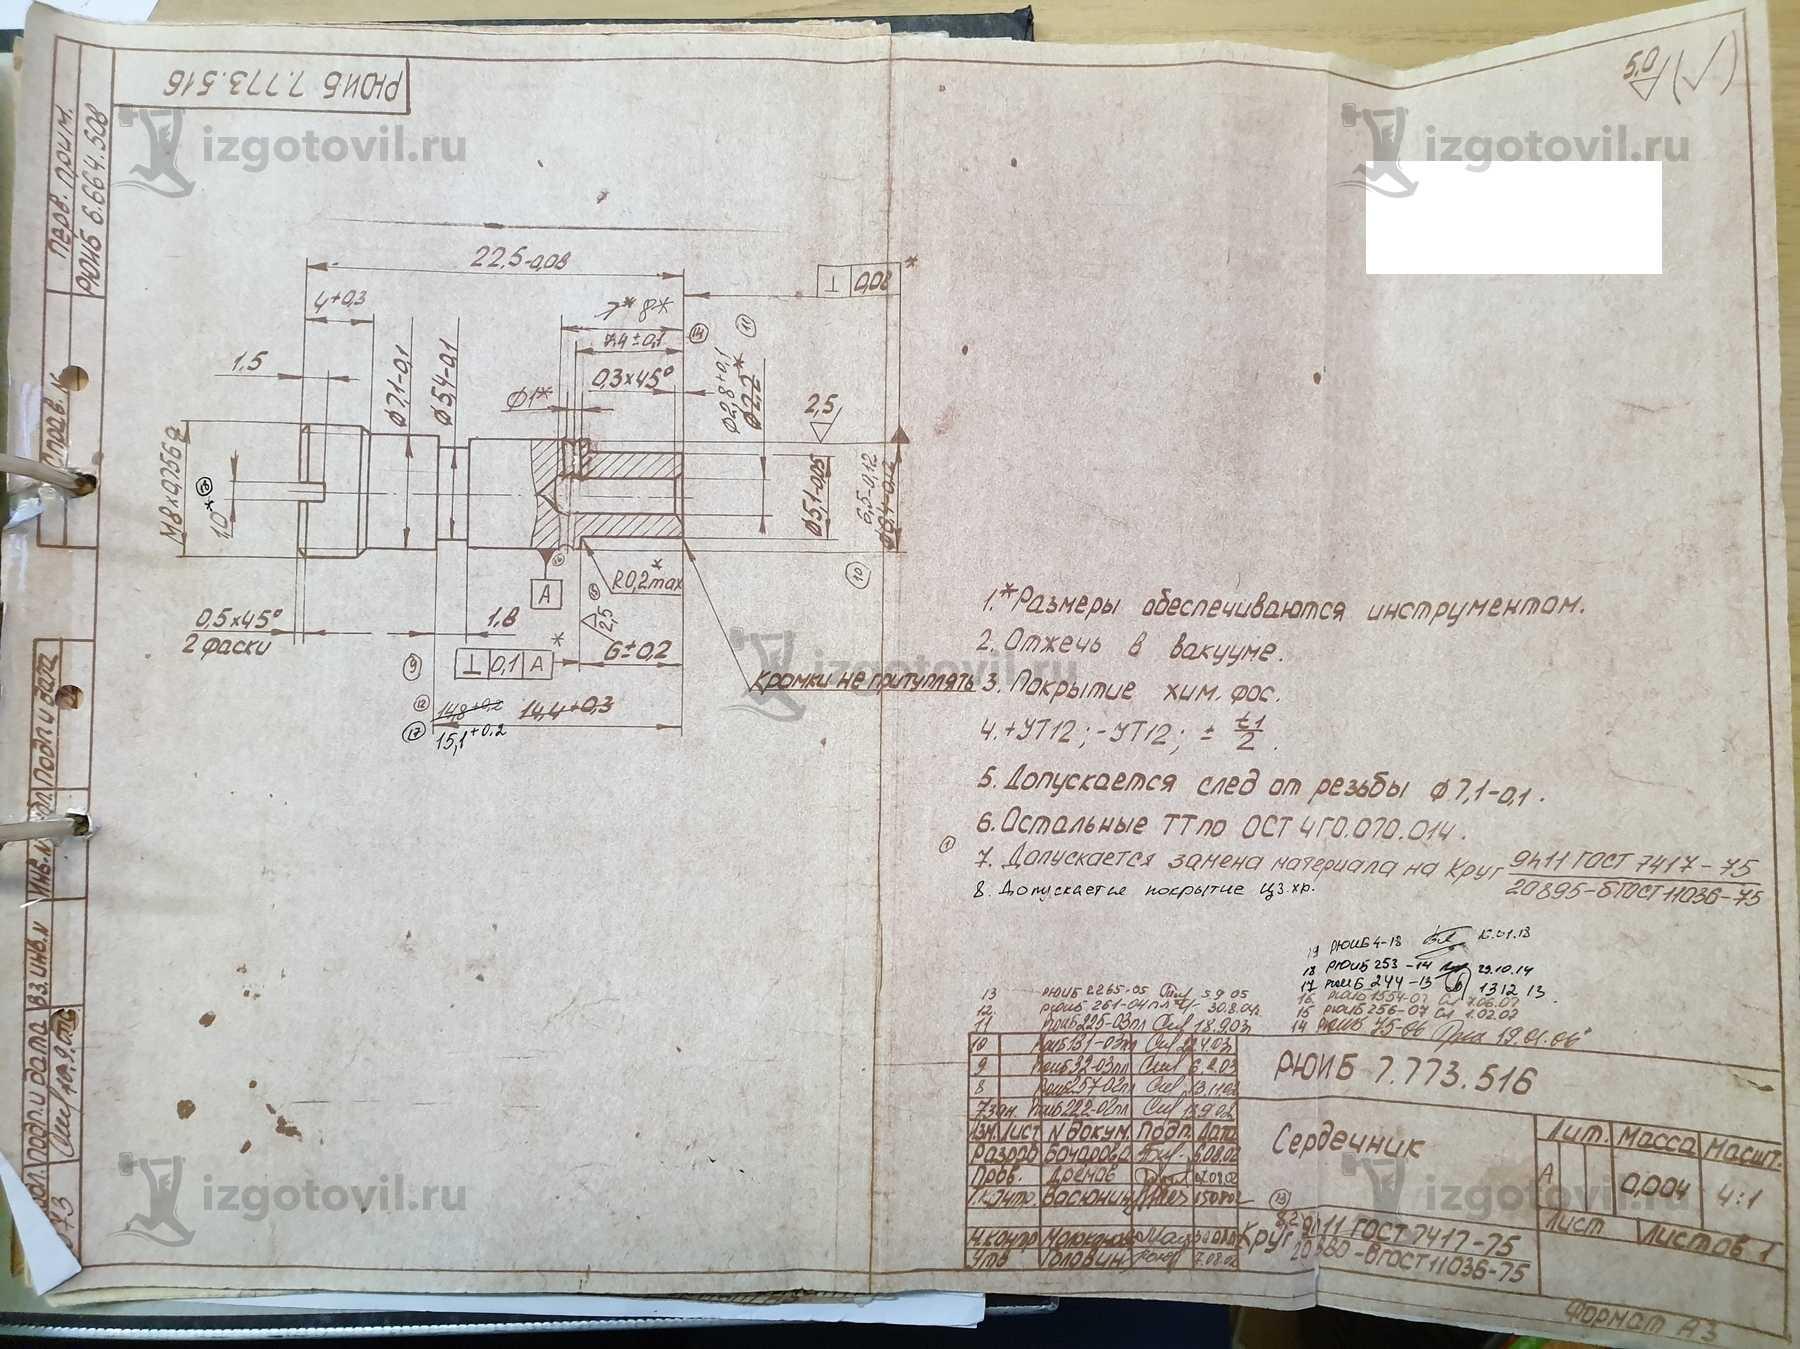 Токарная обработка ЧПУ (детали)